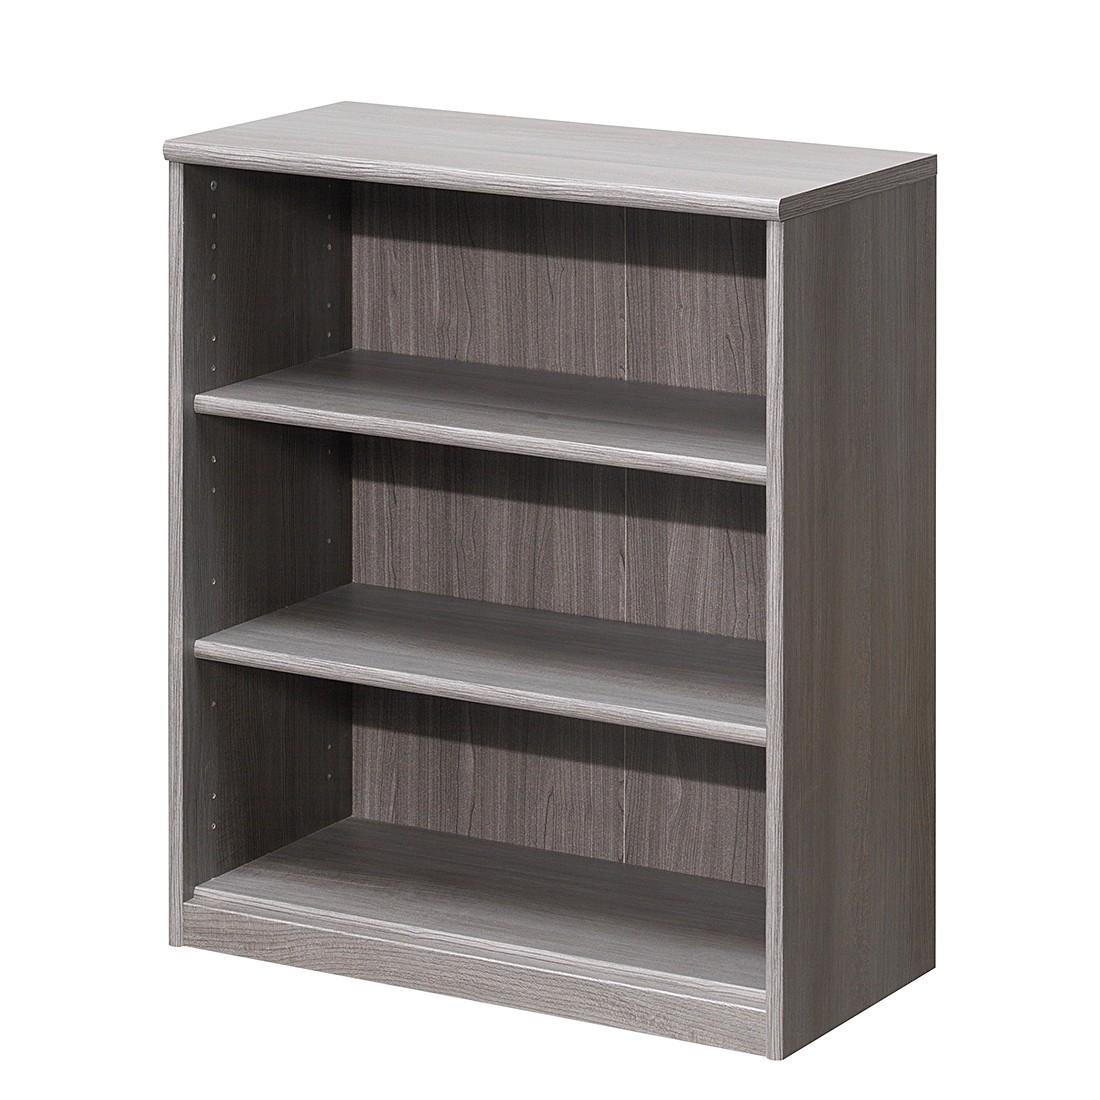 Scaffale Soft Plus II - Effetto quercia grigio argento - Scomparti: 3 - Altezza: 84 cm, Cs Schmal